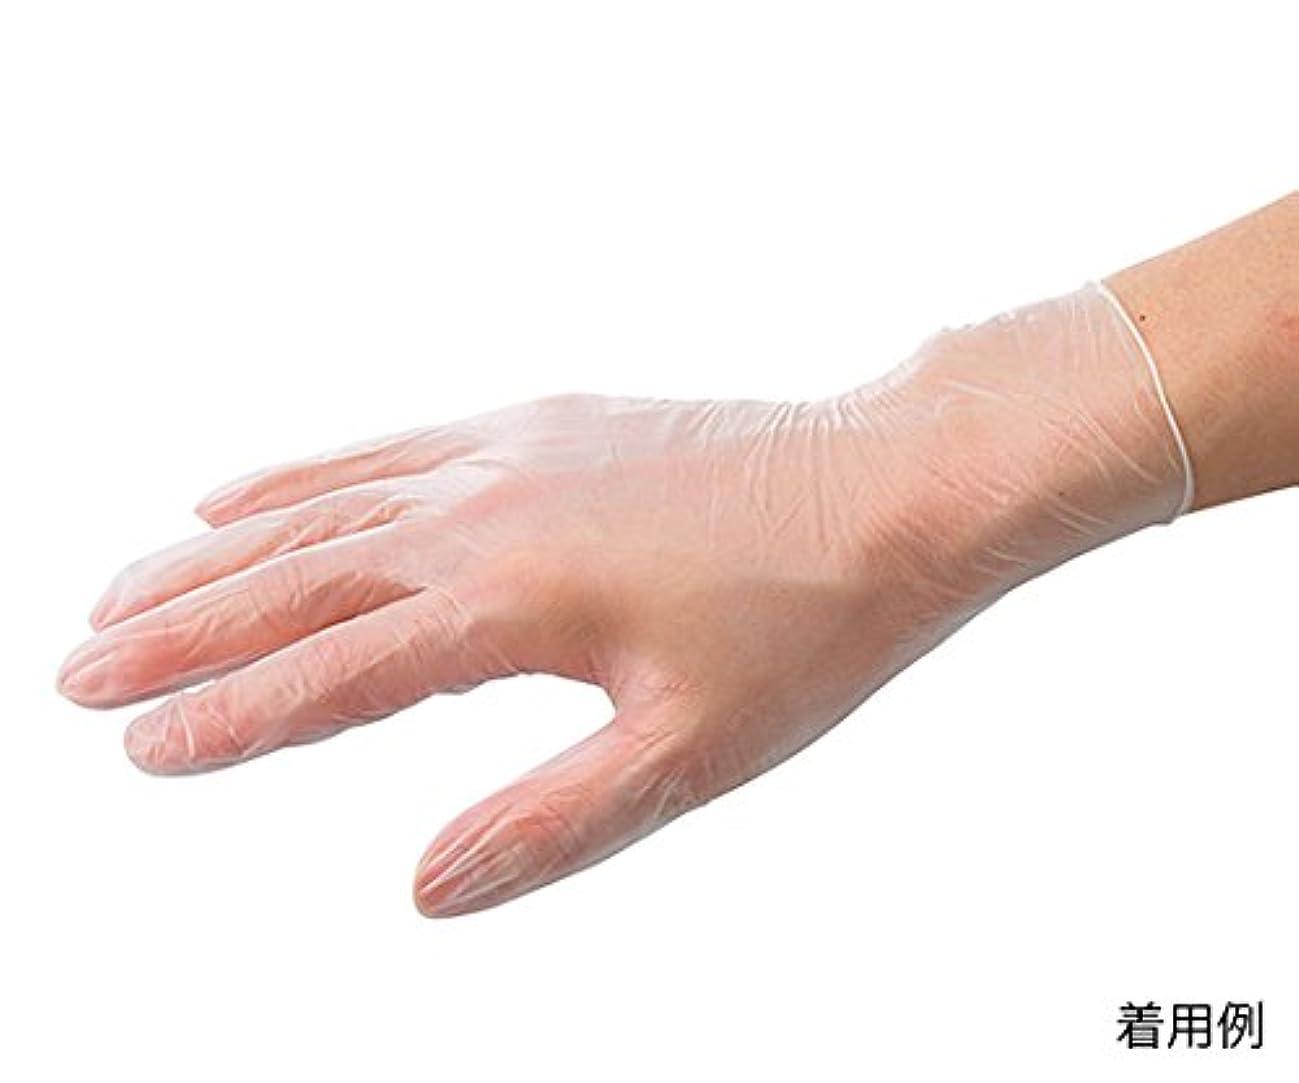 インペリアルためらう放射するARメディコム?インク?アジアリミテッド7-3727-02バイタルプラスチック手袋(パウダー付き)M150枚入